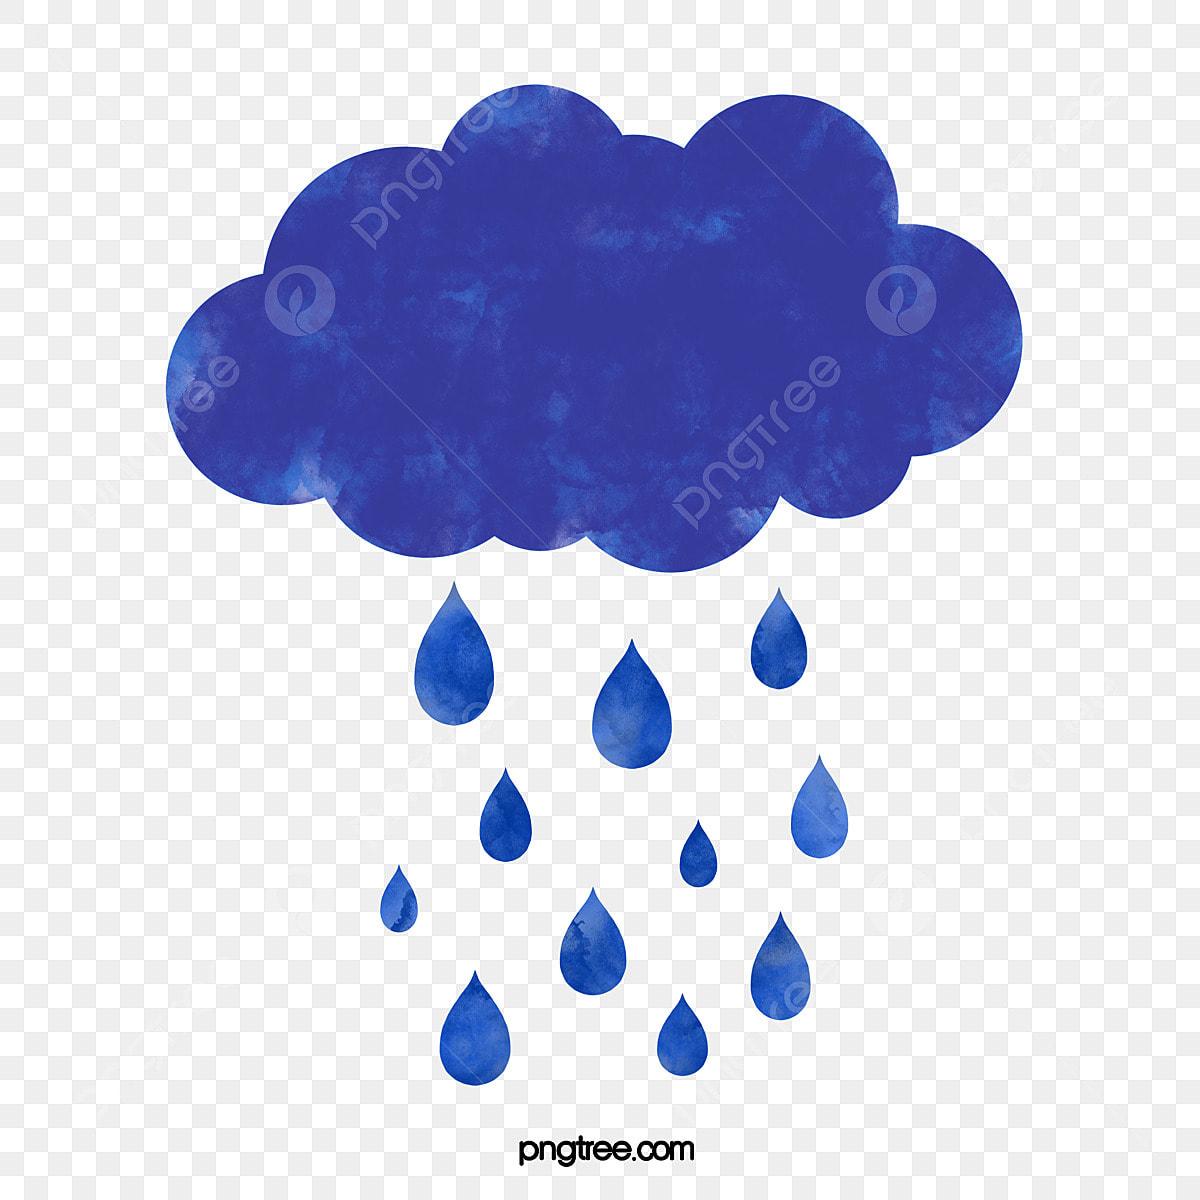 gambar hujan lebat awan cuaca awan serpihan awan hujan png dan psd untuk muat turun percuma https ms pngtree com freepng raining weather smudges clouds 5062866 html